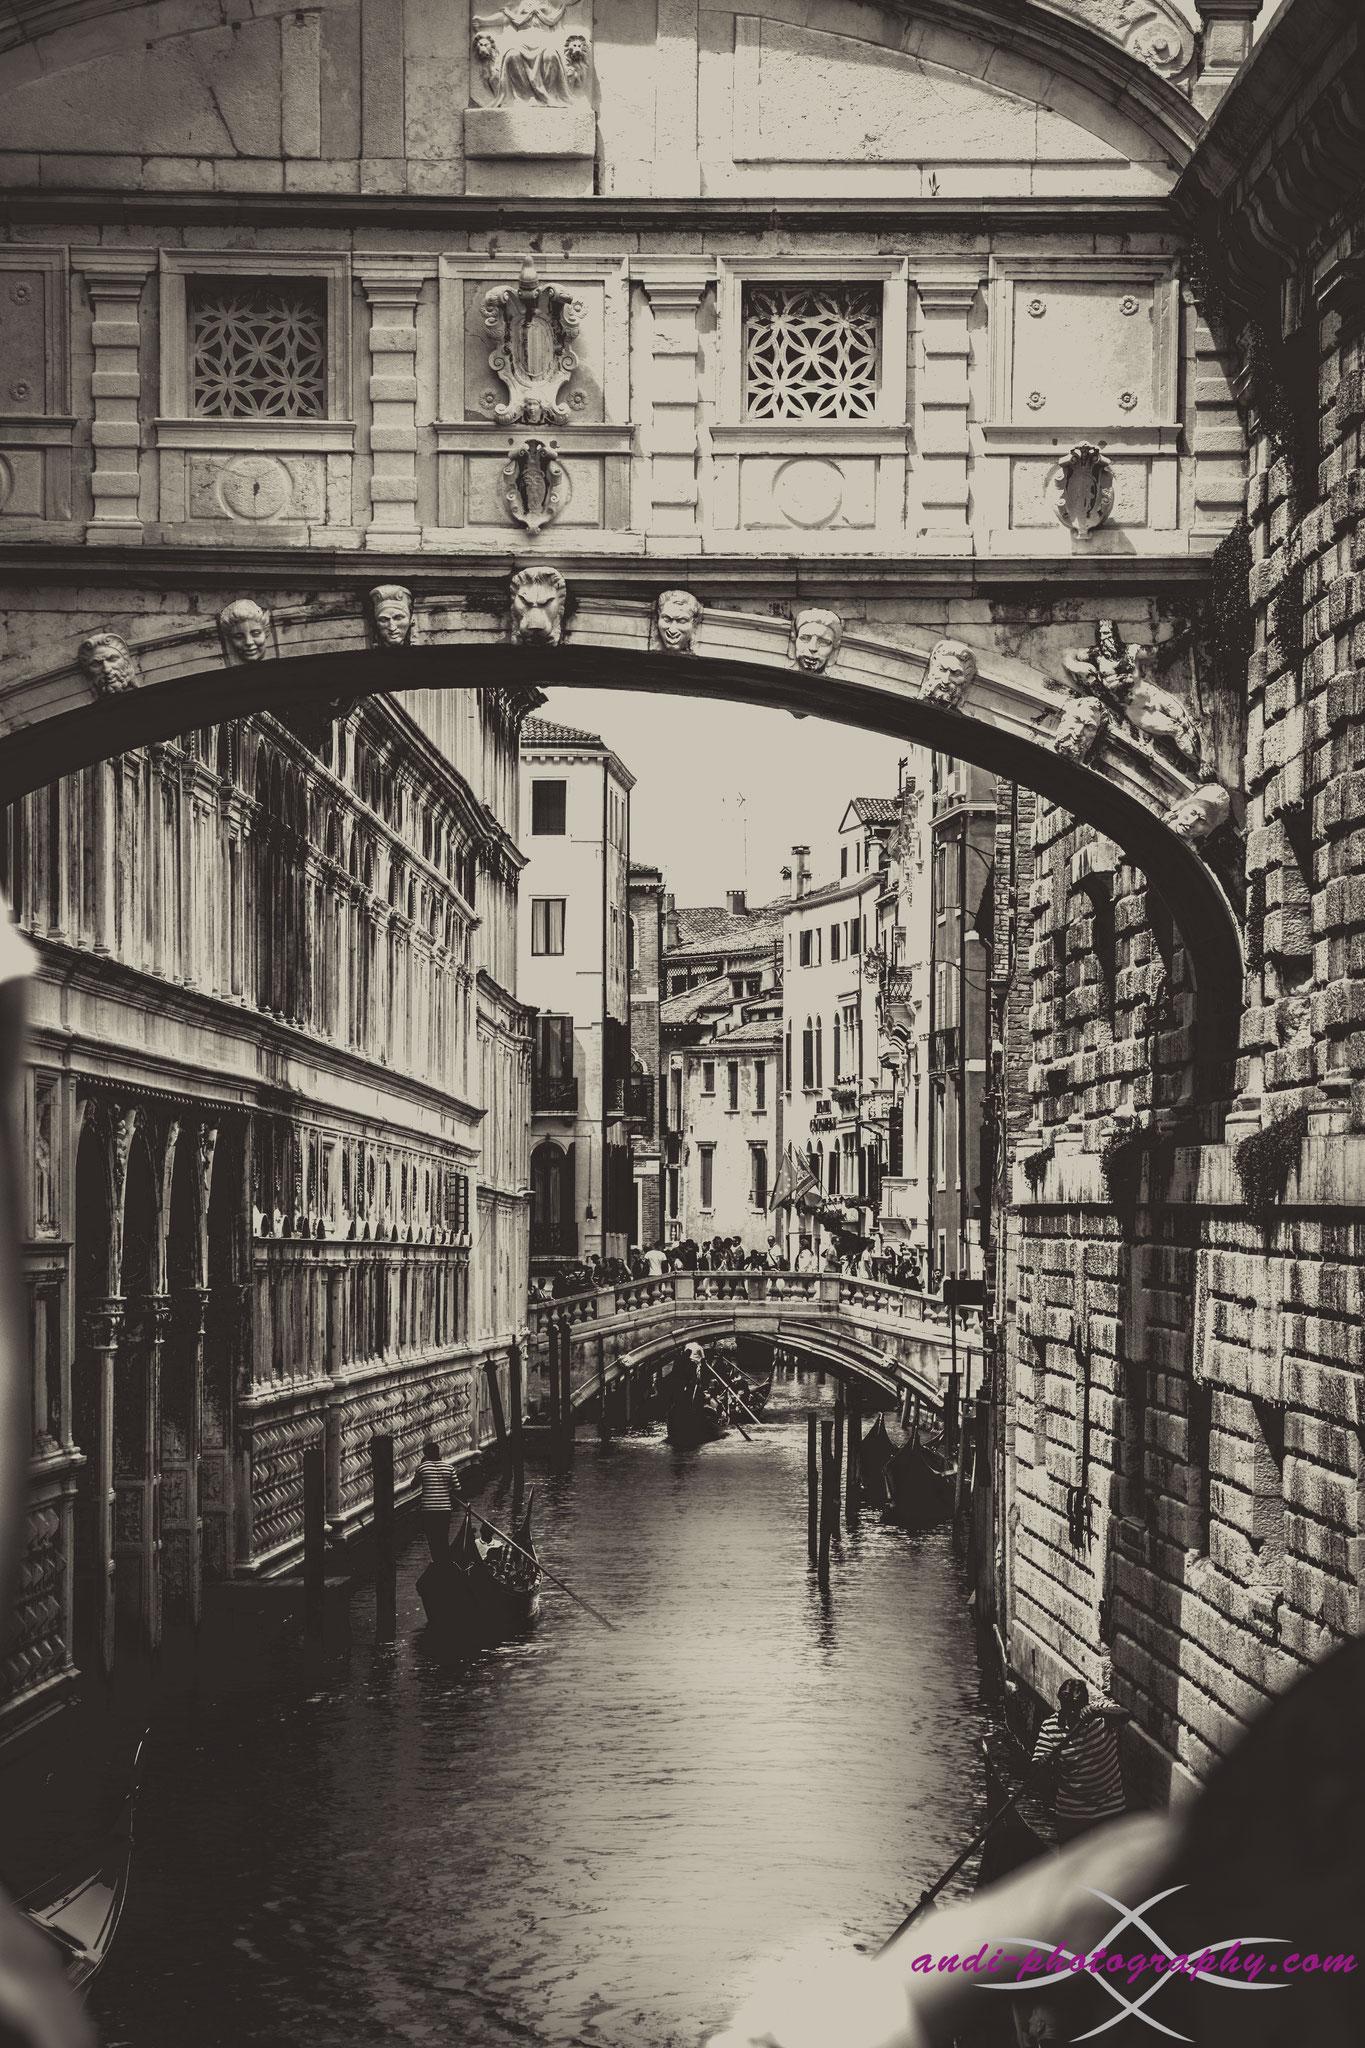 Wasserstrasse in Venedig2016